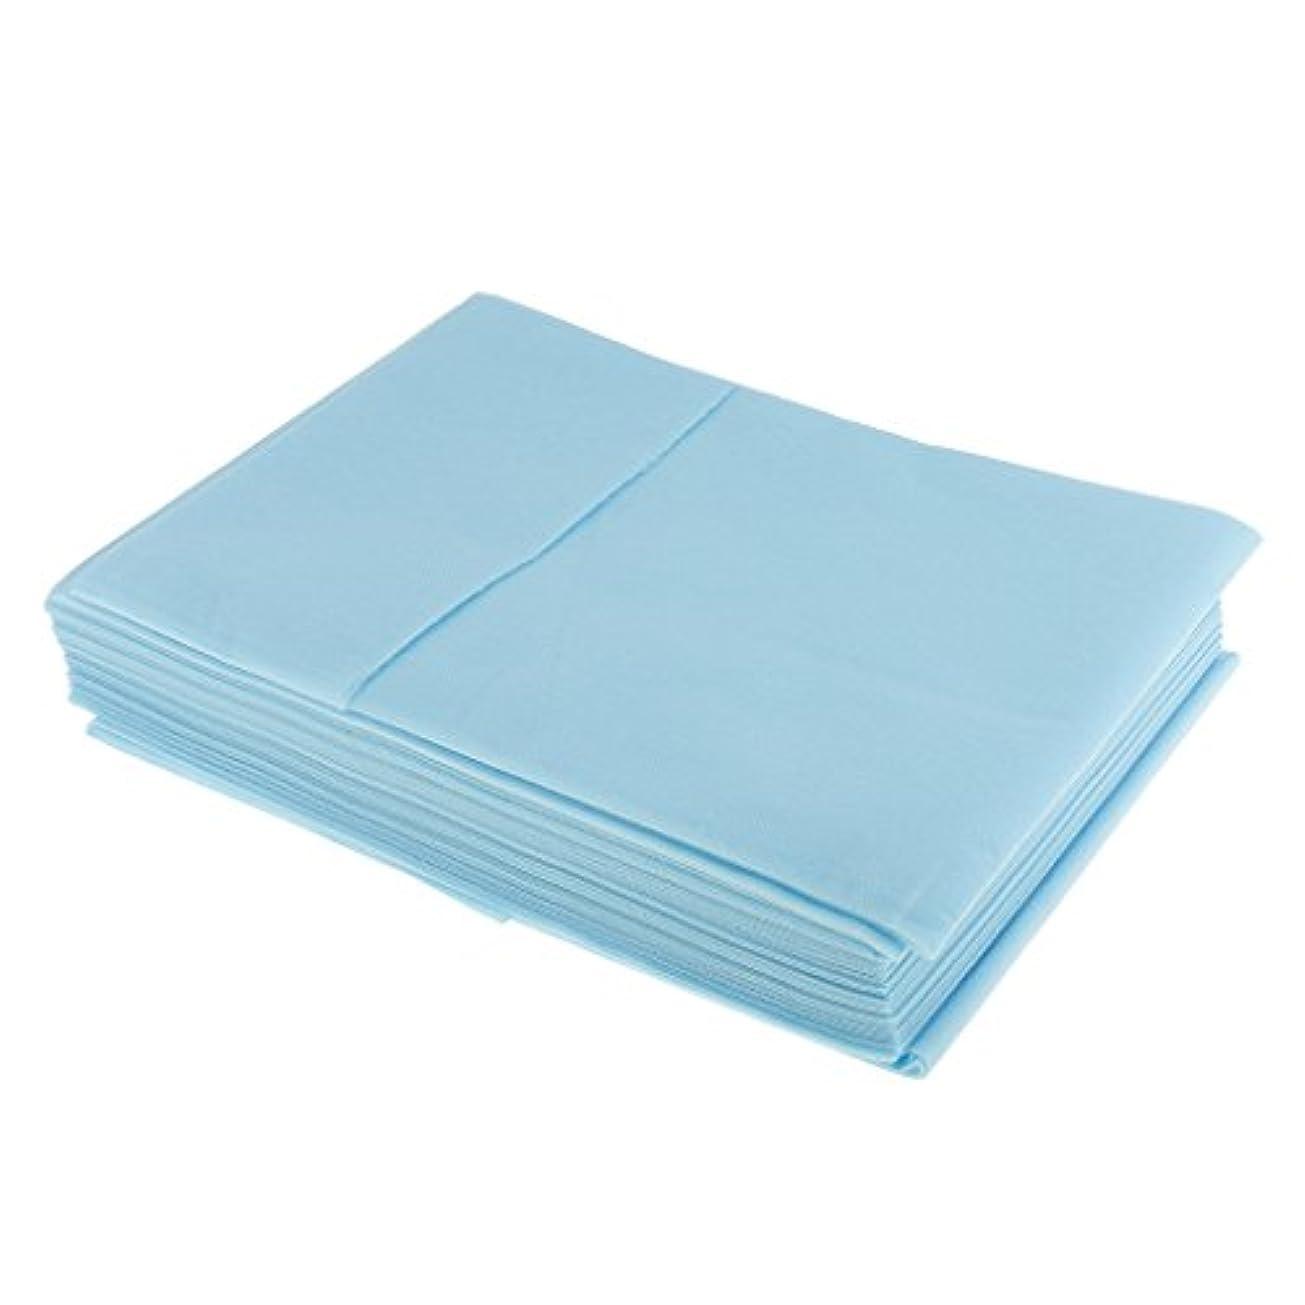 ましいトロイの木馬フェロー諸島Perfk 10枚入り 使い捨て 衛生シート ベッドパッド 旅行用 美容室/マッサージ/サロン/ホテル 店舗用品 全3色選べ - 青